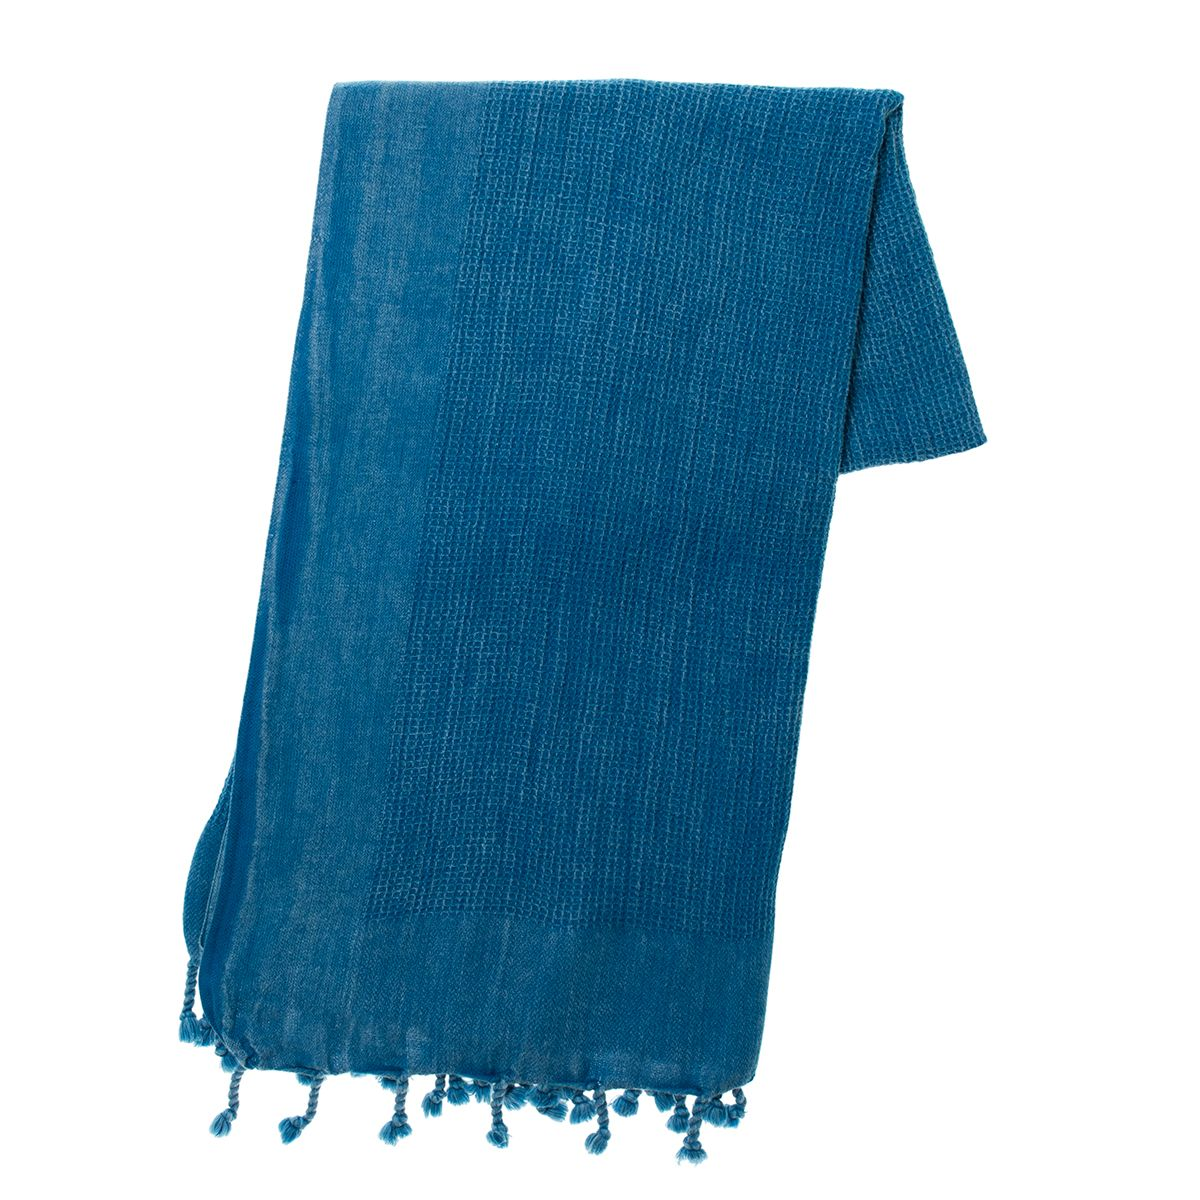 Peshtemal Stone Washed / Gofret - Petrol Blue